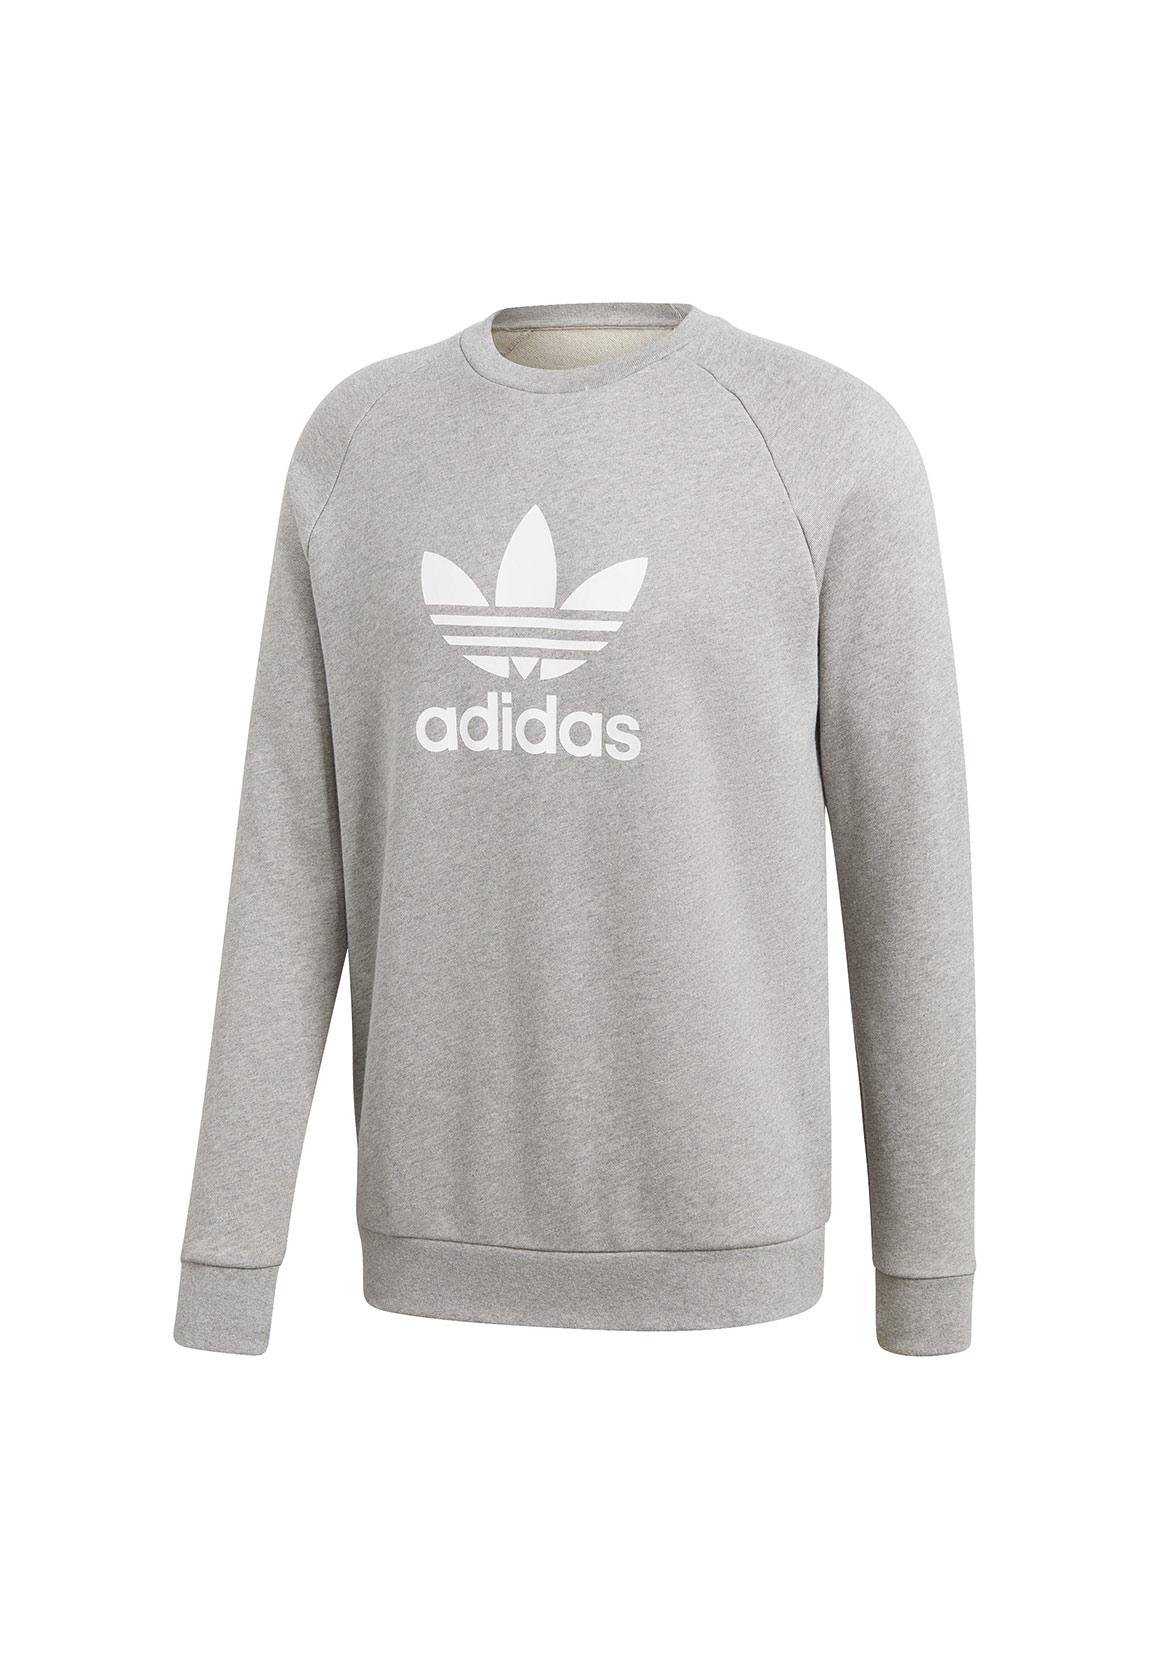 Details zu Adidas Originals Sweatshirt Herren TREFOIL CREW CY4573 Grau